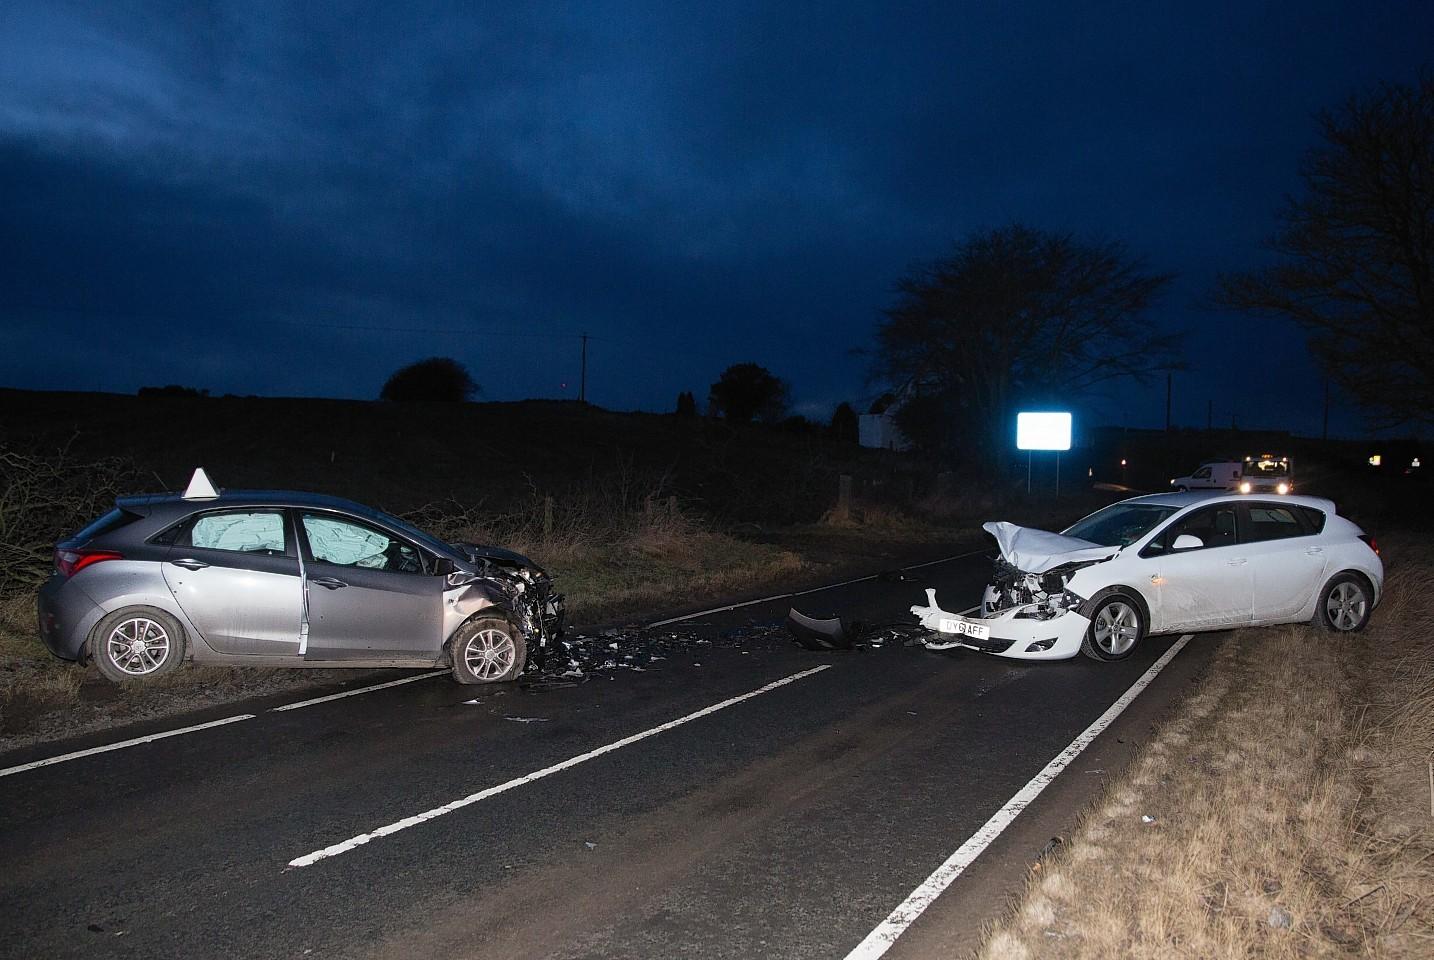 The two car crash near Potterton